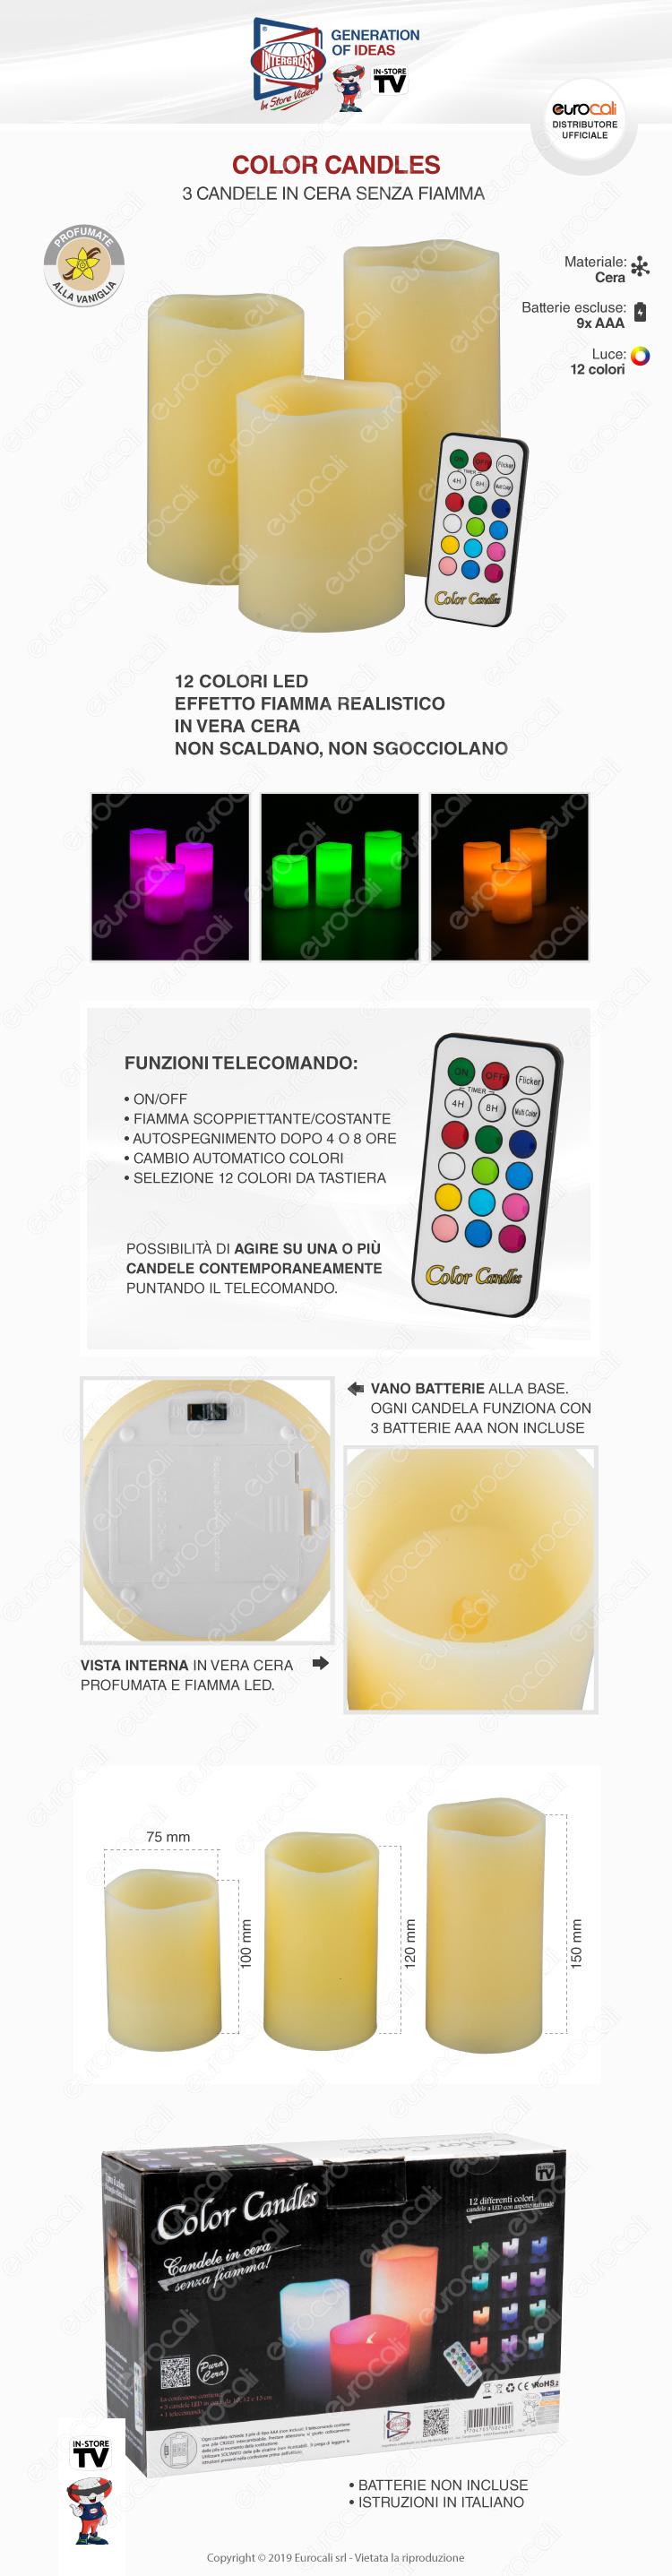 Intergross color candles 3 candele LED RGB in vera cera con telecomando